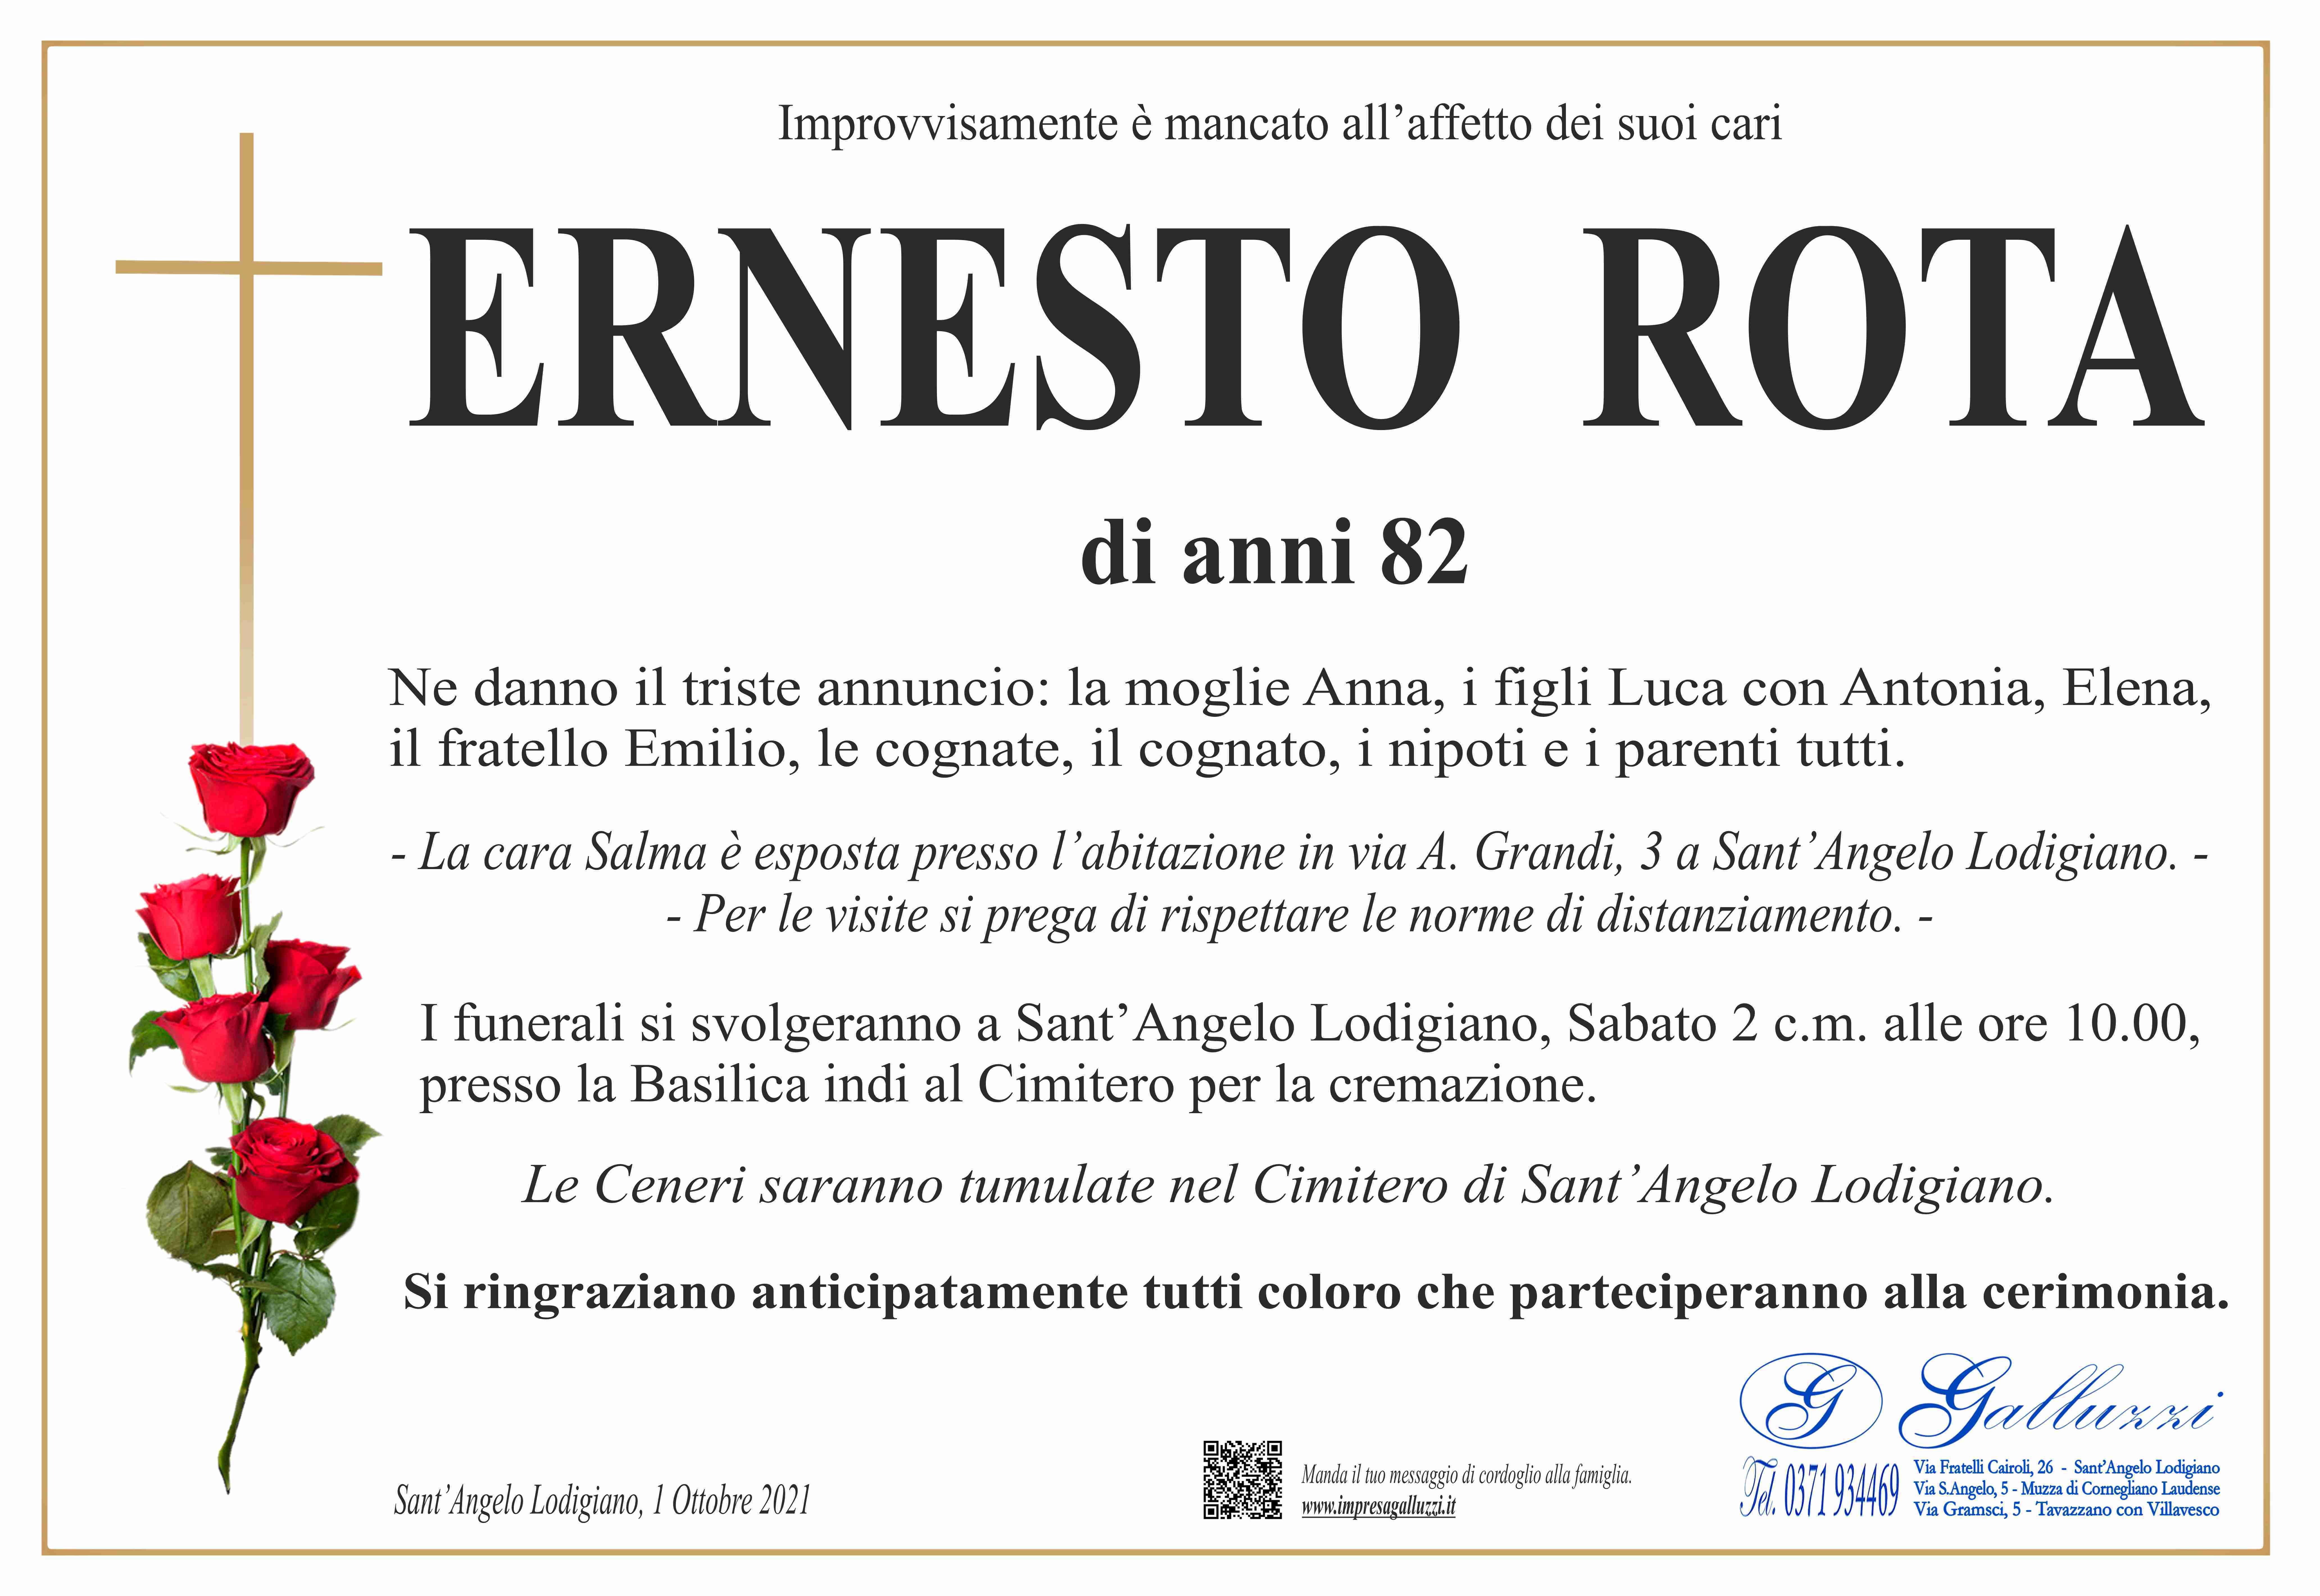 Ernesto Rota